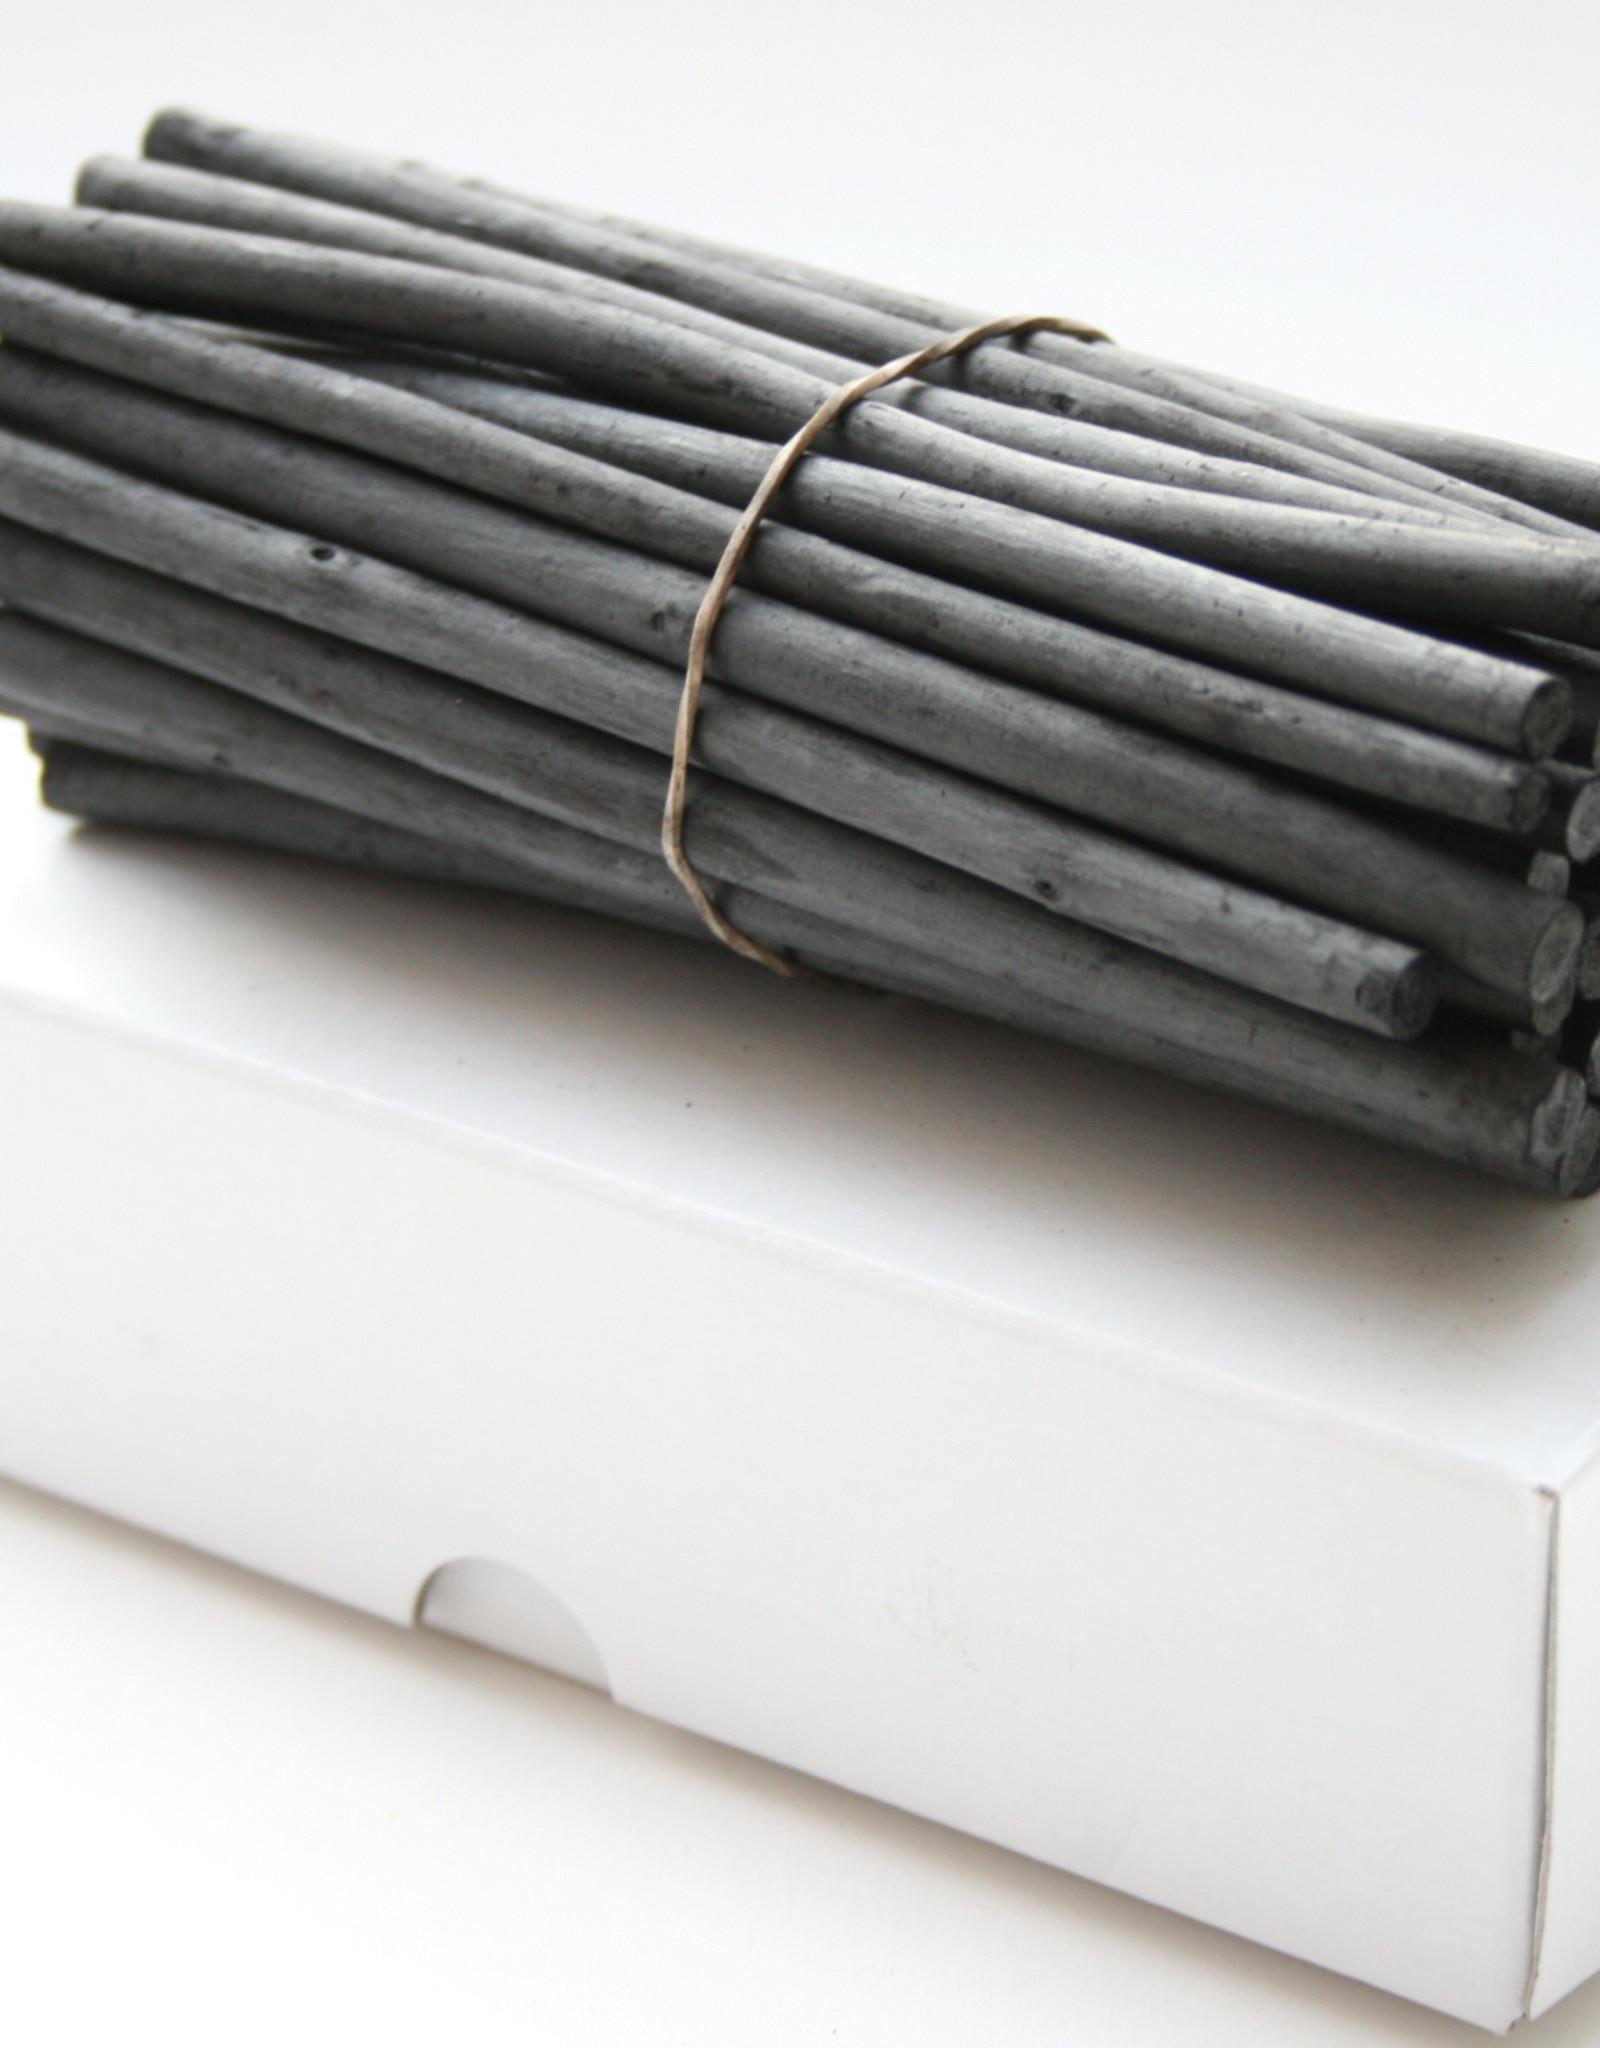 25 stuks houtskool in kartonnen doos doorsnede ±5 6mm Faber Castell